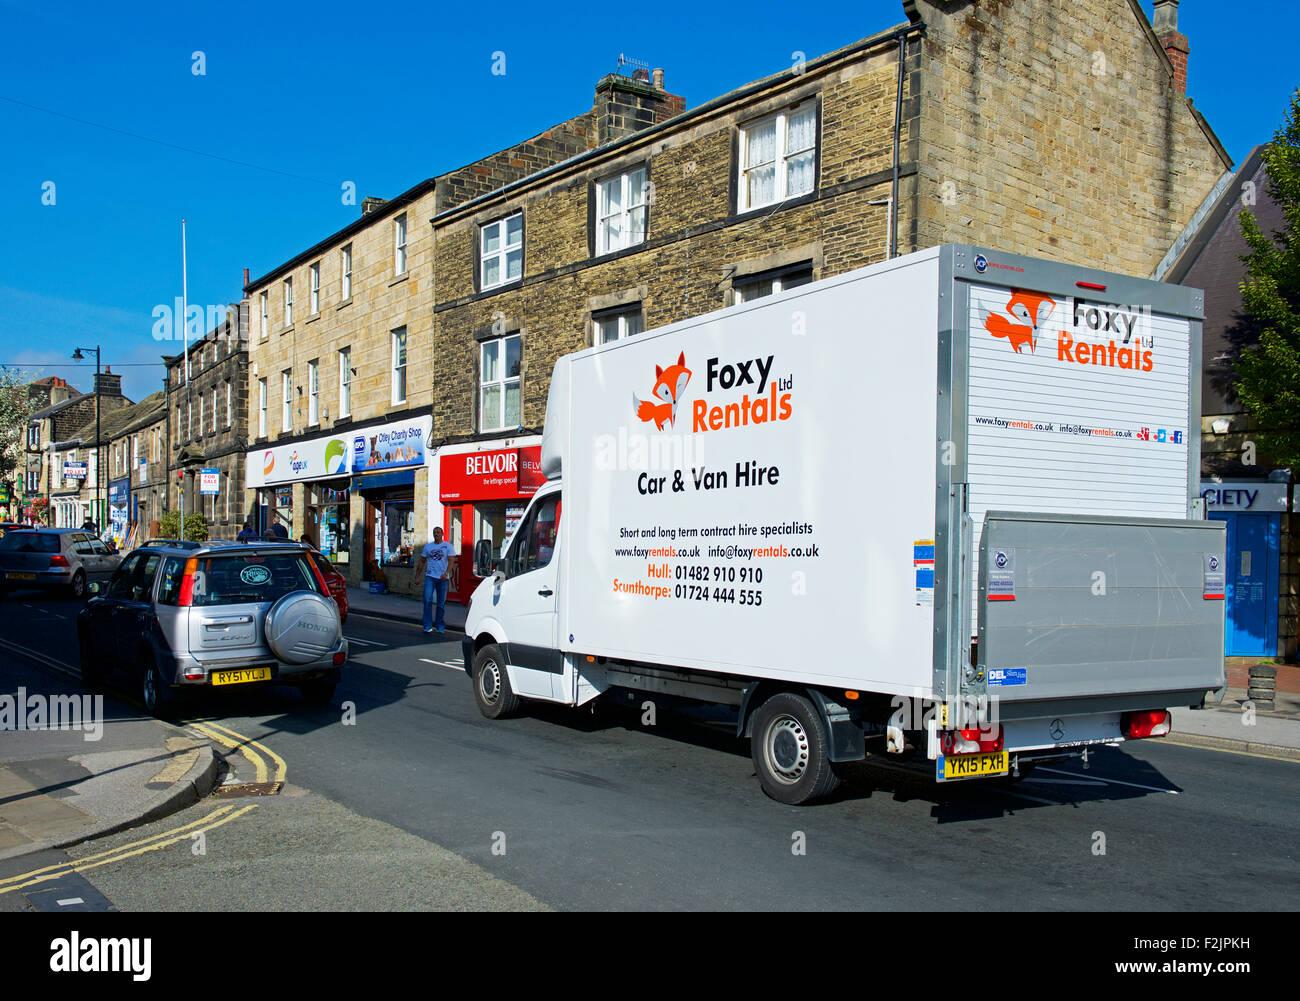 Foxy Rental rented van in Otley, West Yorkshire, England UK - Stock Image